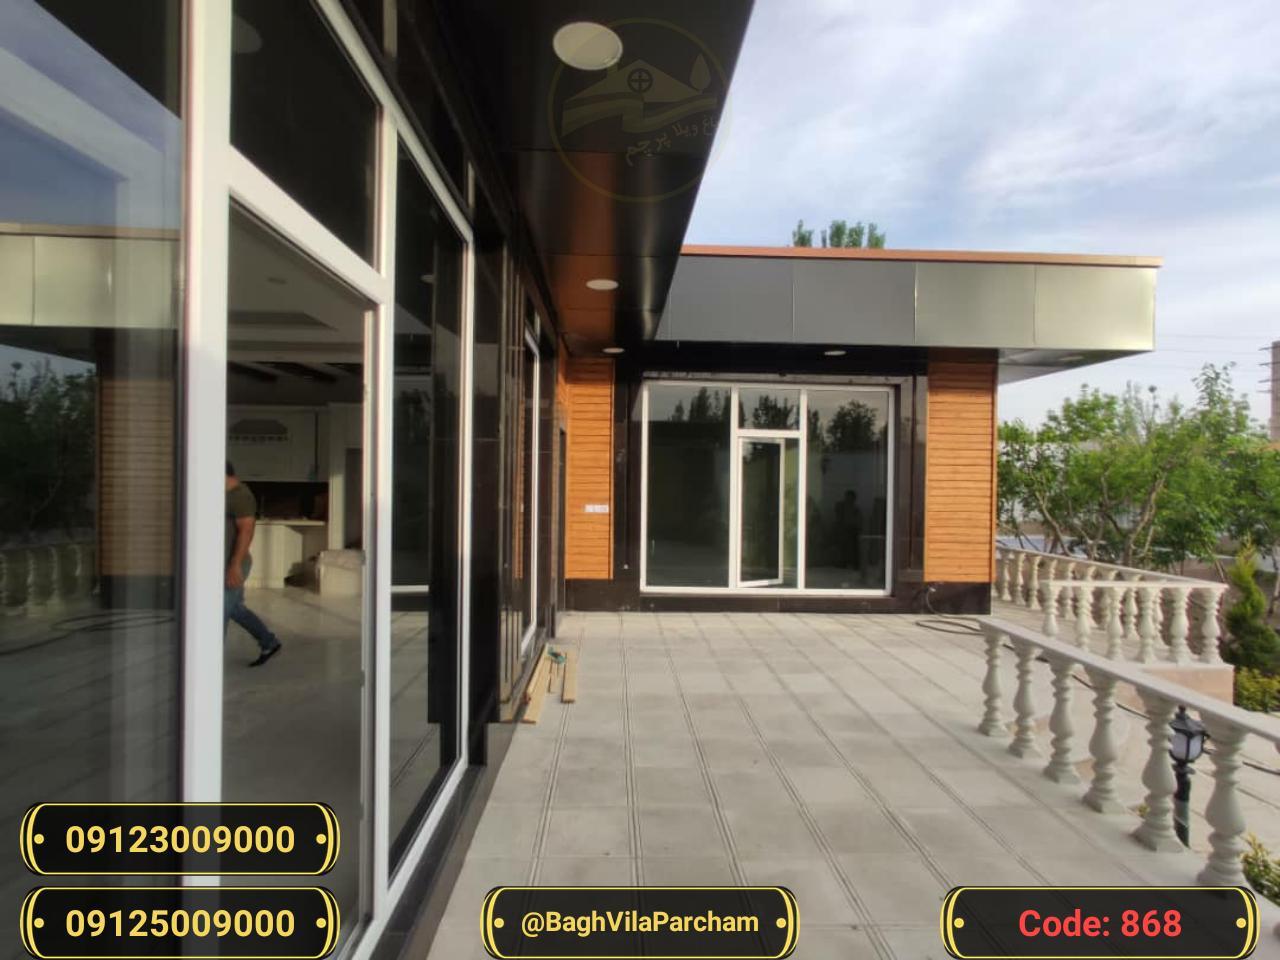 تصویر عکس باغ ویلا شماره 8 از ویلای ۵۰۰ متر ویلا شیک و مدرن Picture photo image 8 of ۵۰۰ متر ویلا شیک و مدرن